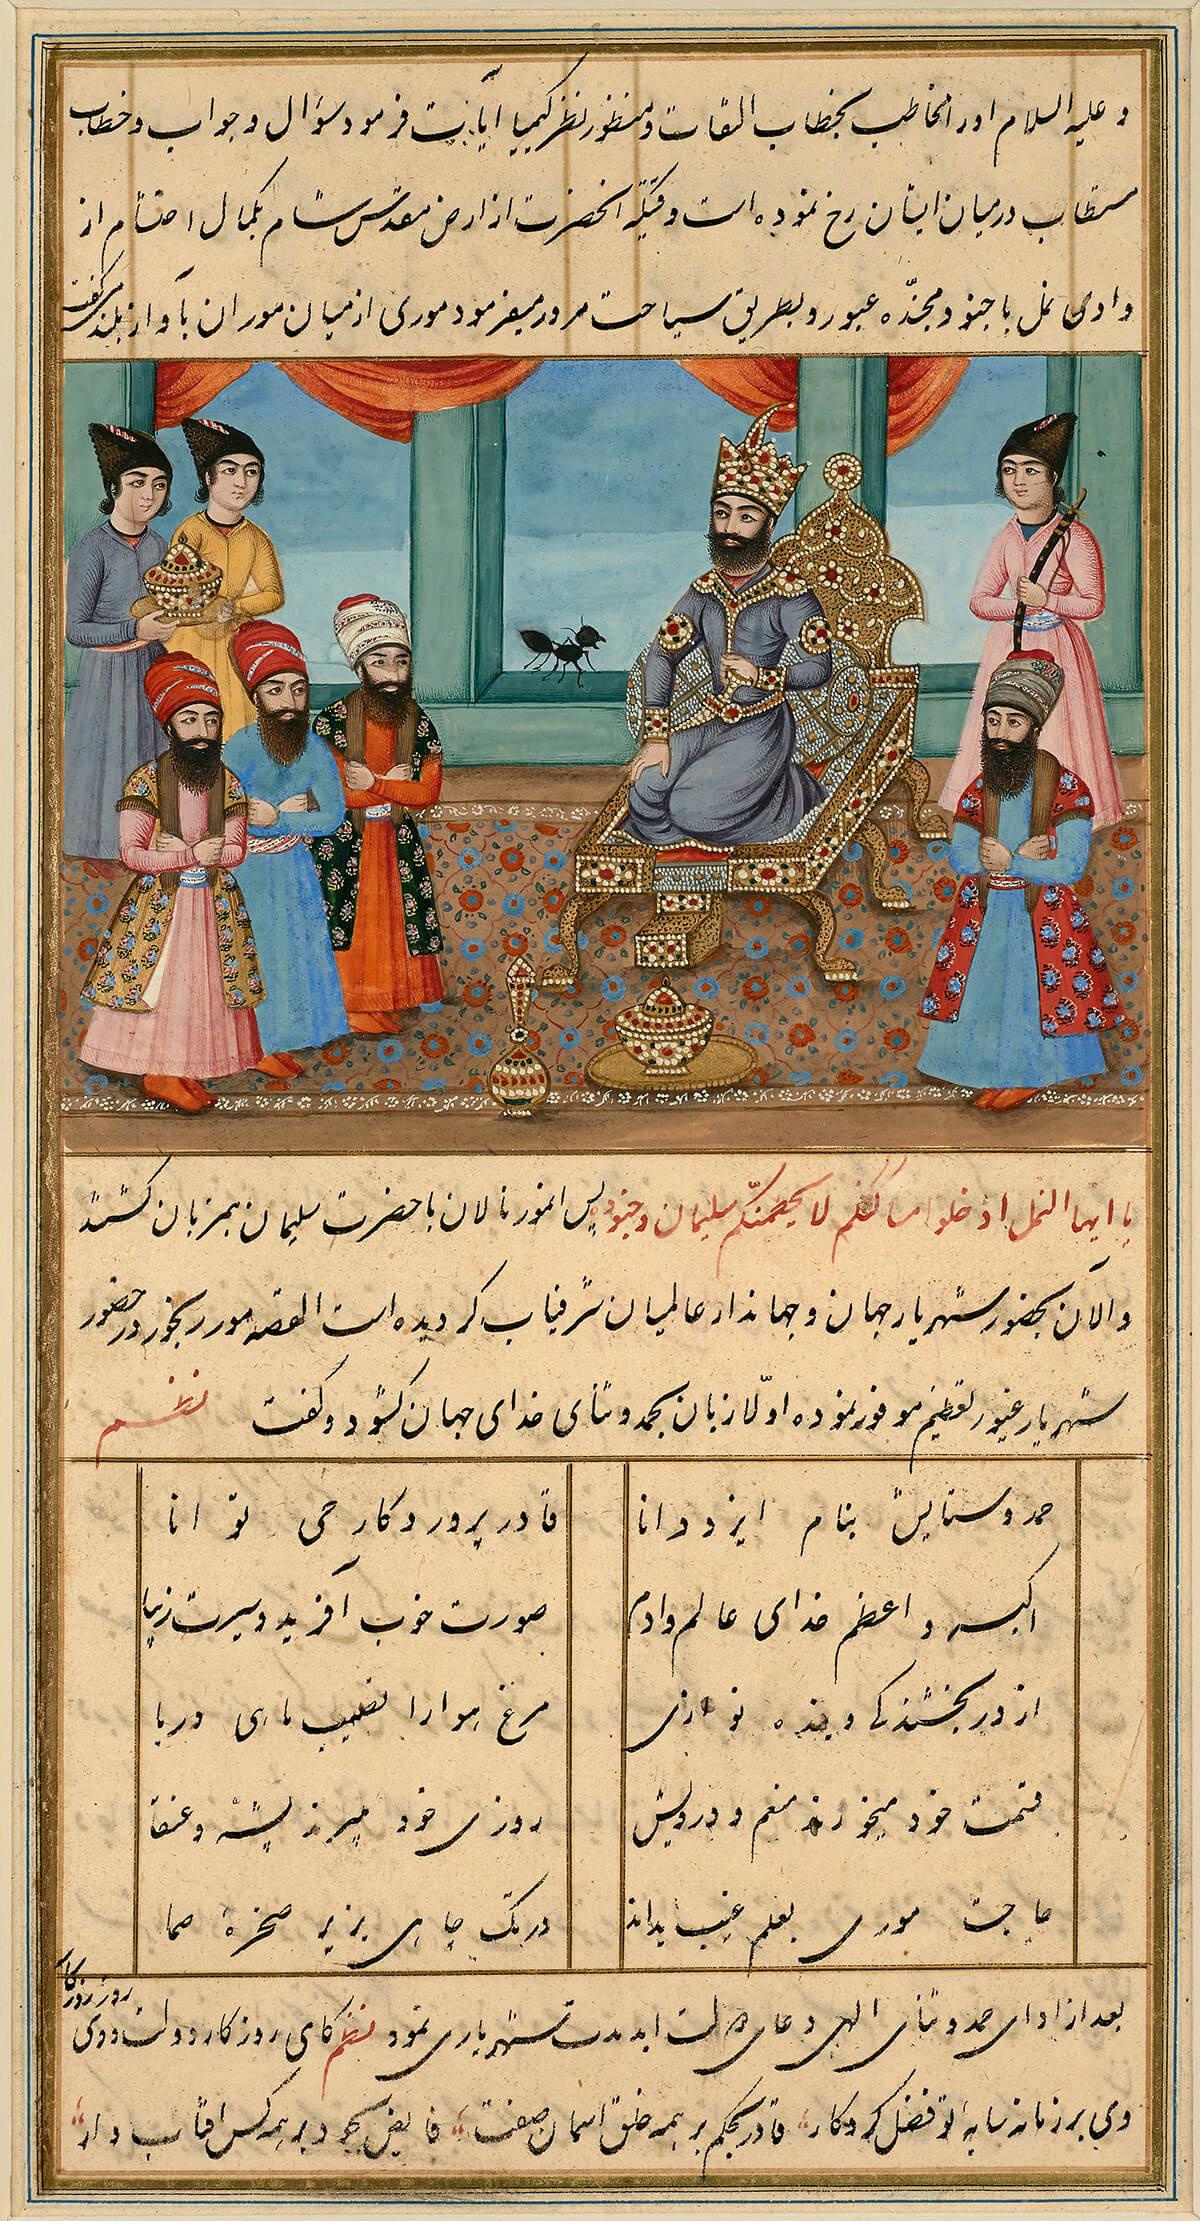 Le roi Salomon et la fourmi - Page d'un Anvar-i Suhaili